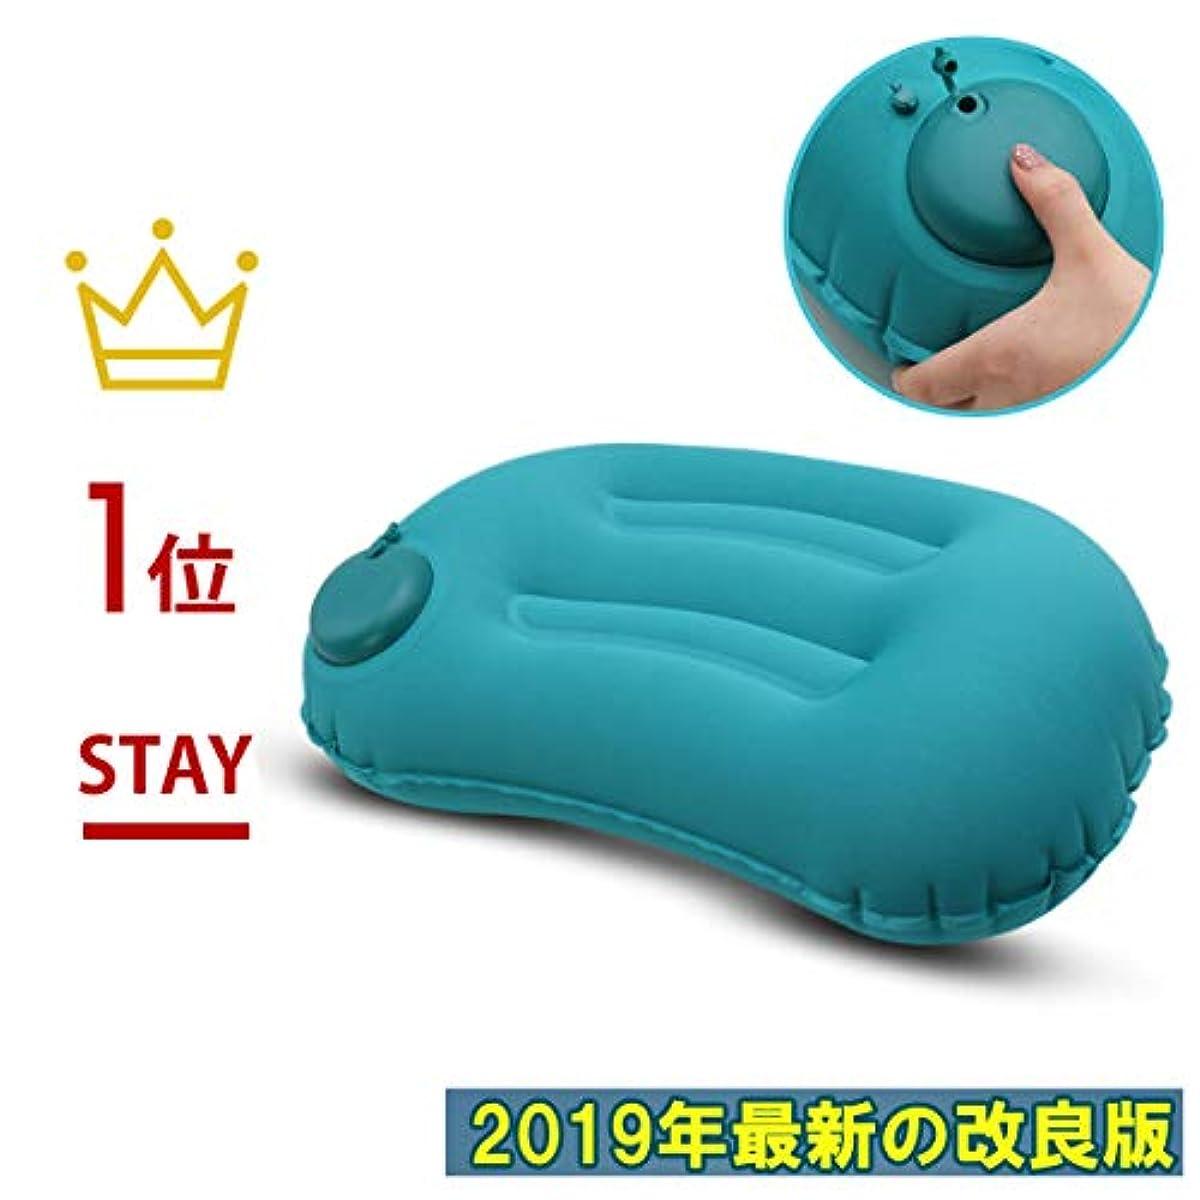 [해외] JOOKYO 에어 pillow 휴대침 수동 프레스식 경량 접는 아웃도어 캠프 여행용 수납 봉투 첨부